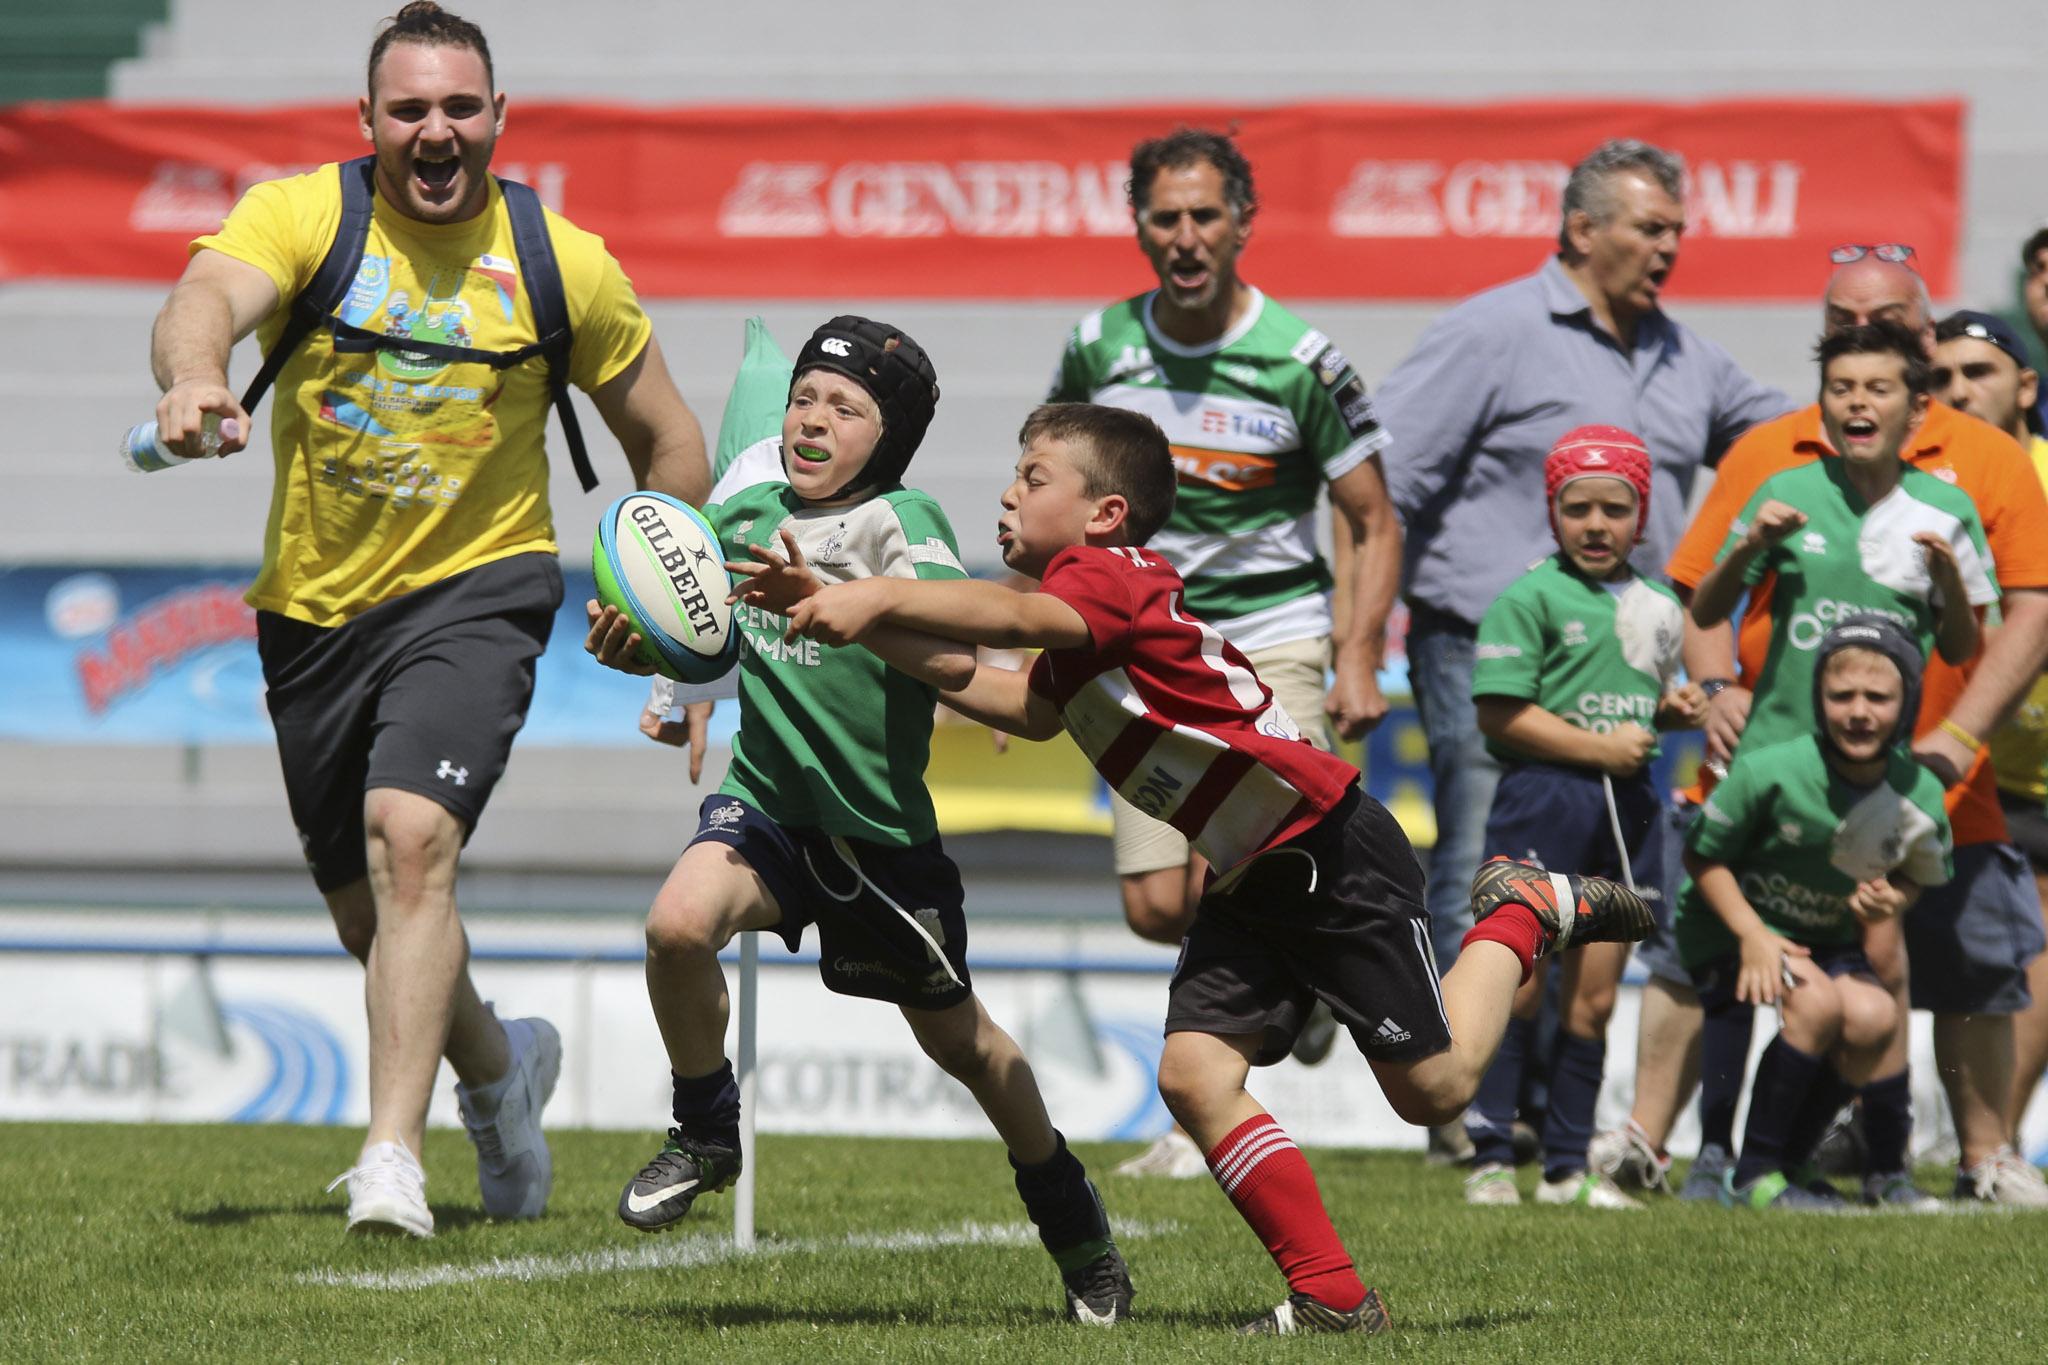 Calendario Tornei Minirugby 2020.Concluso Il 40 Torneo Mini Rugby Citta Di Treviso